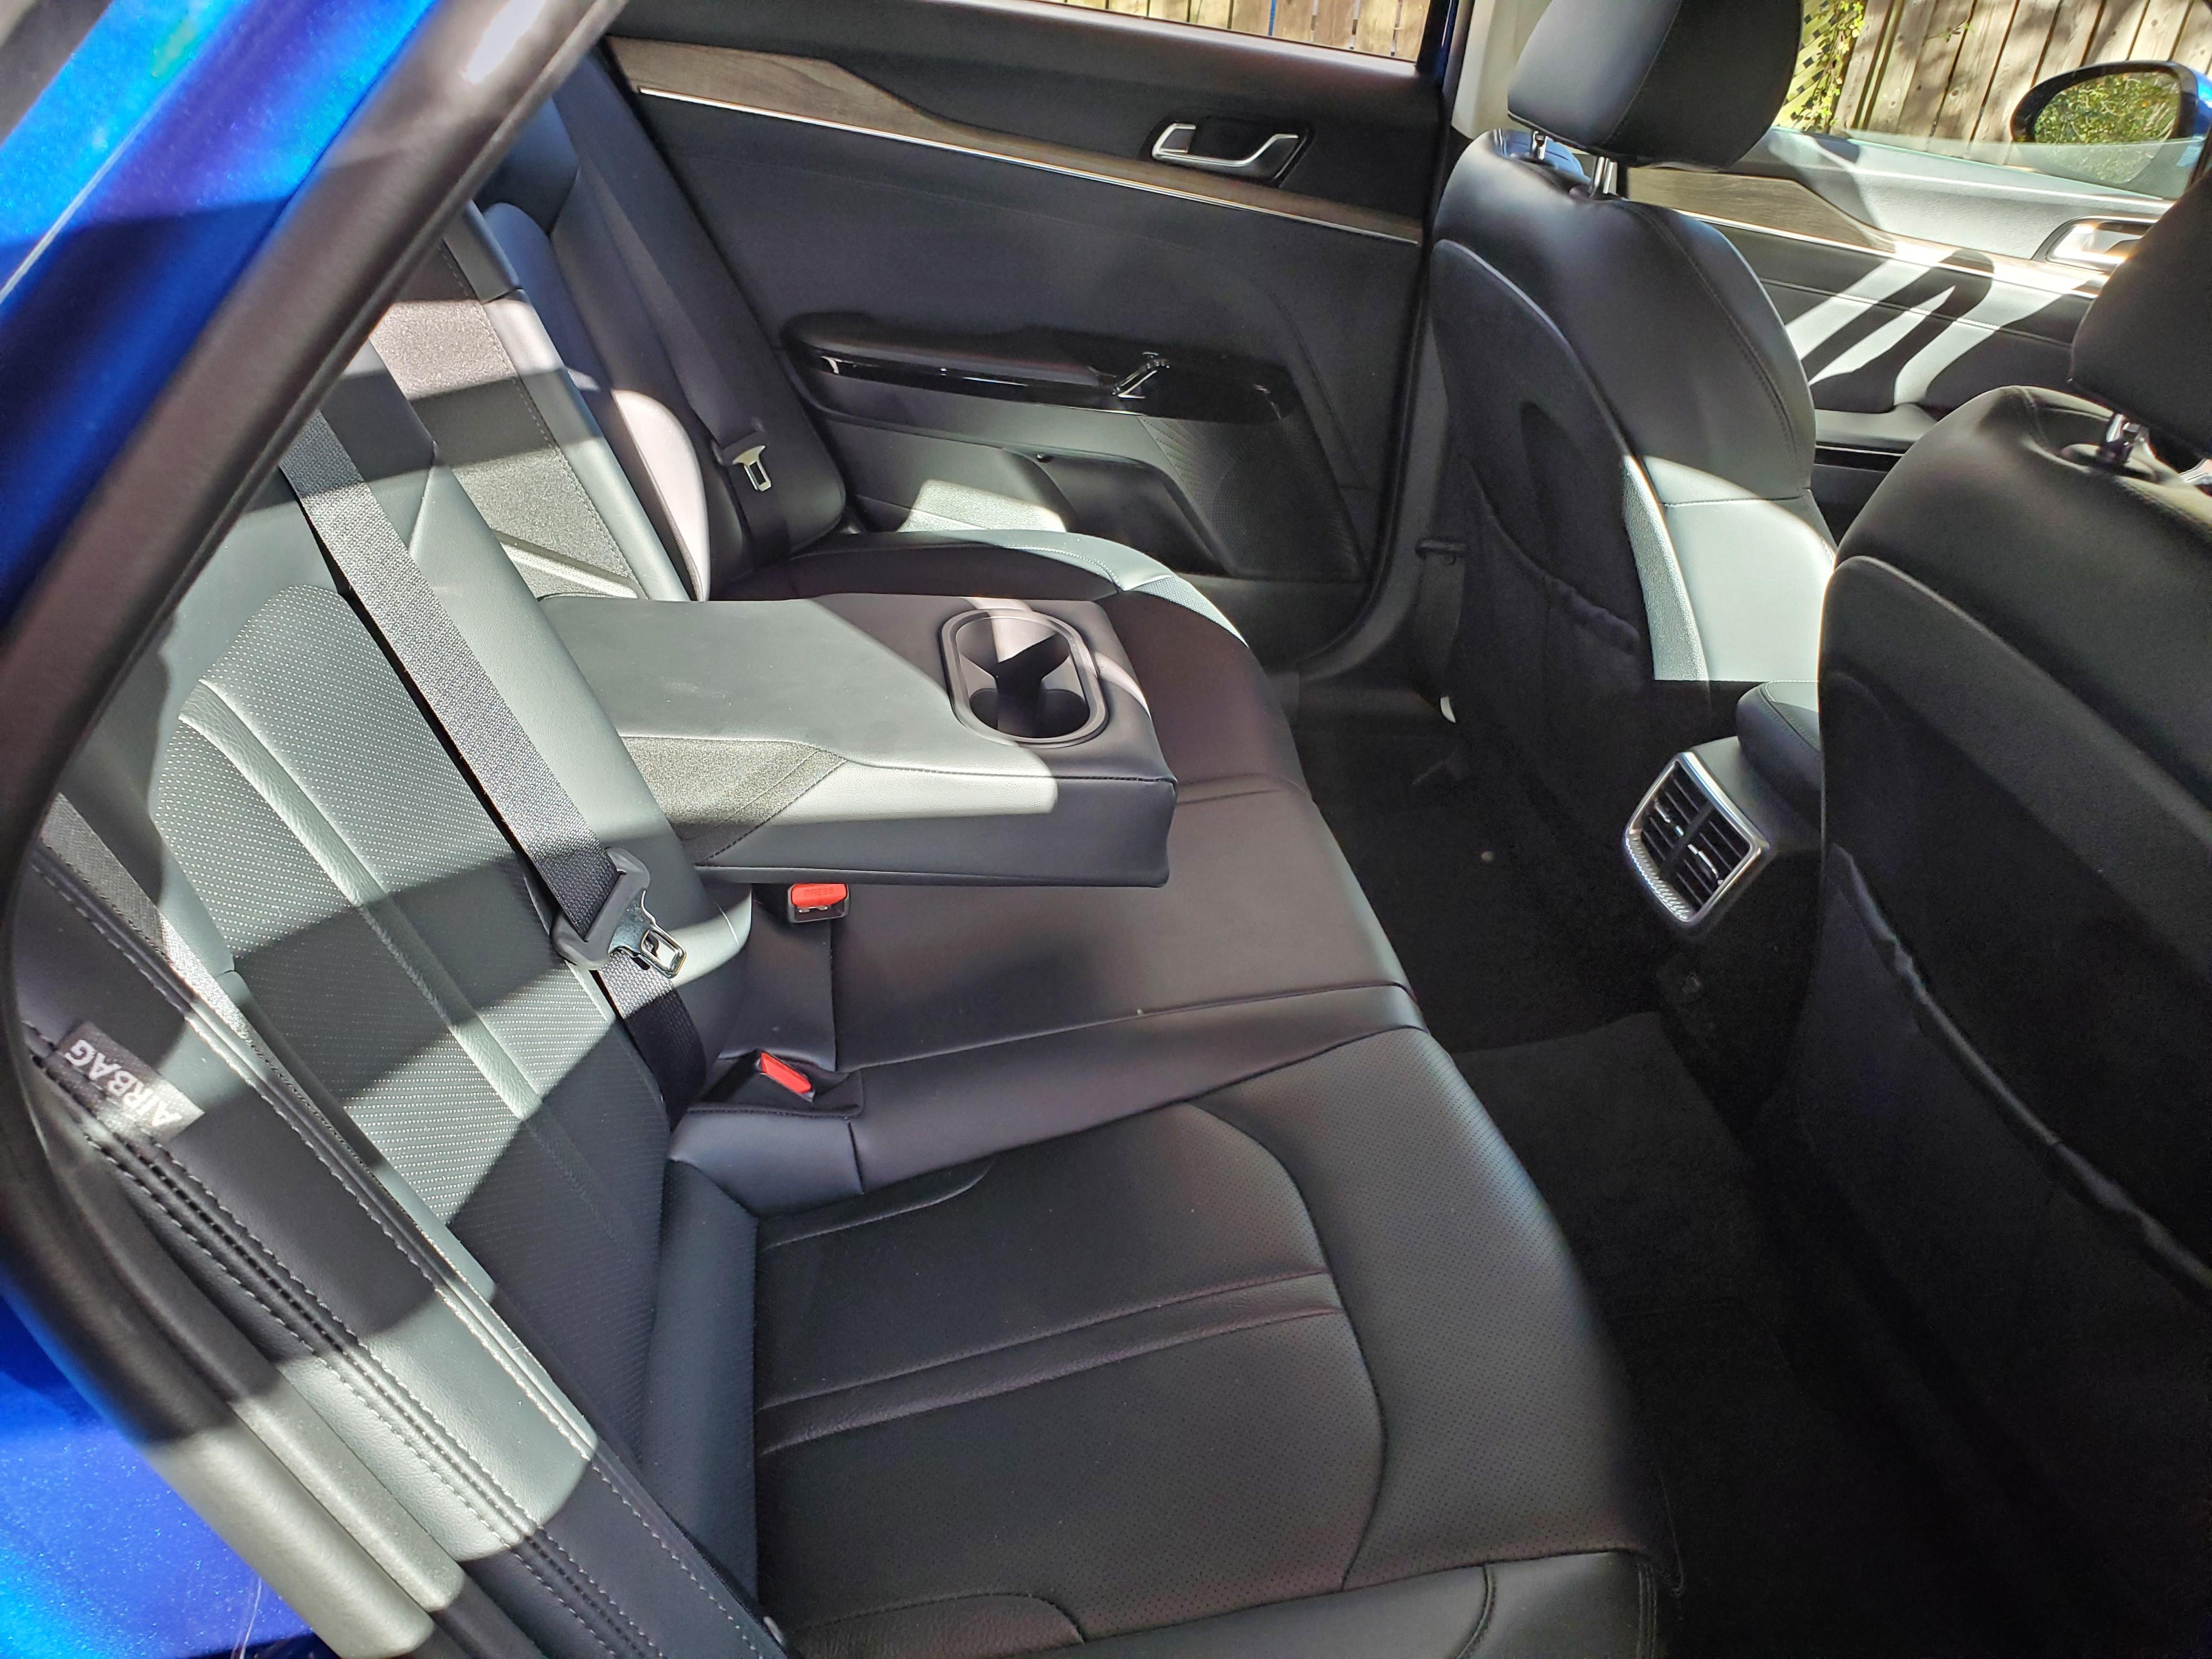 Rear seating in the 2021 Kia K5